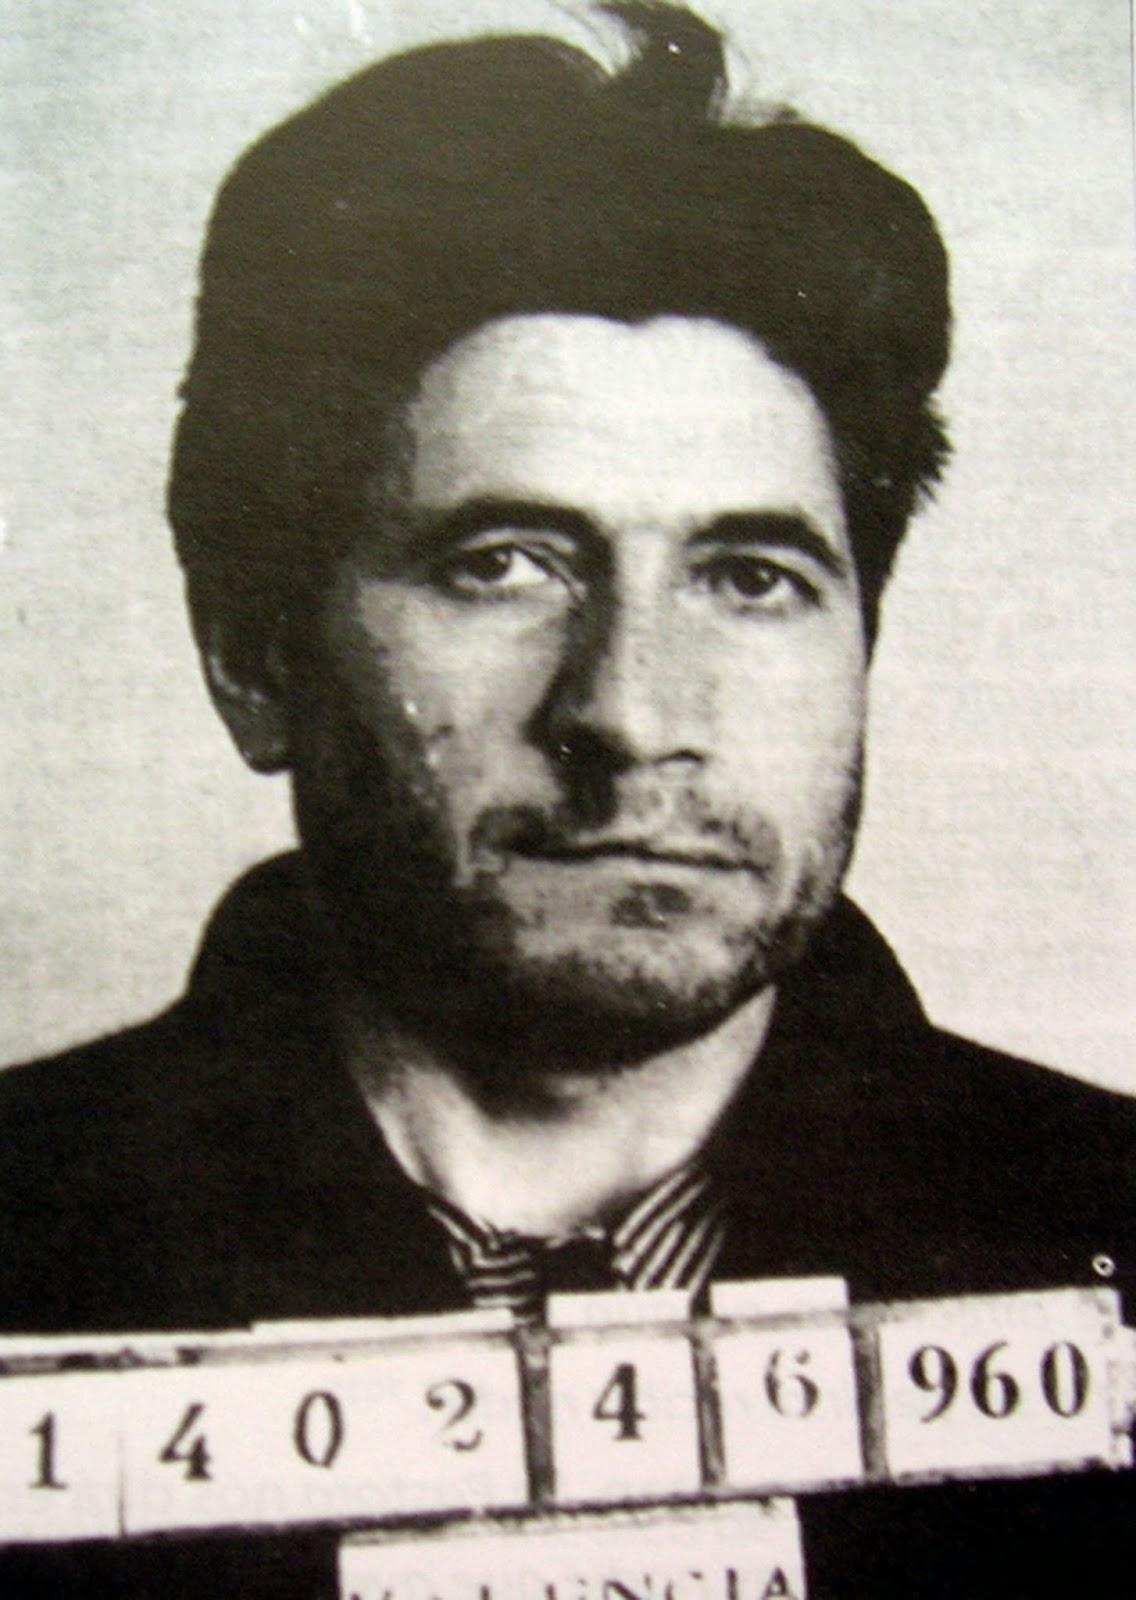 Ficha policial de Florencio Pla fechada en 1960